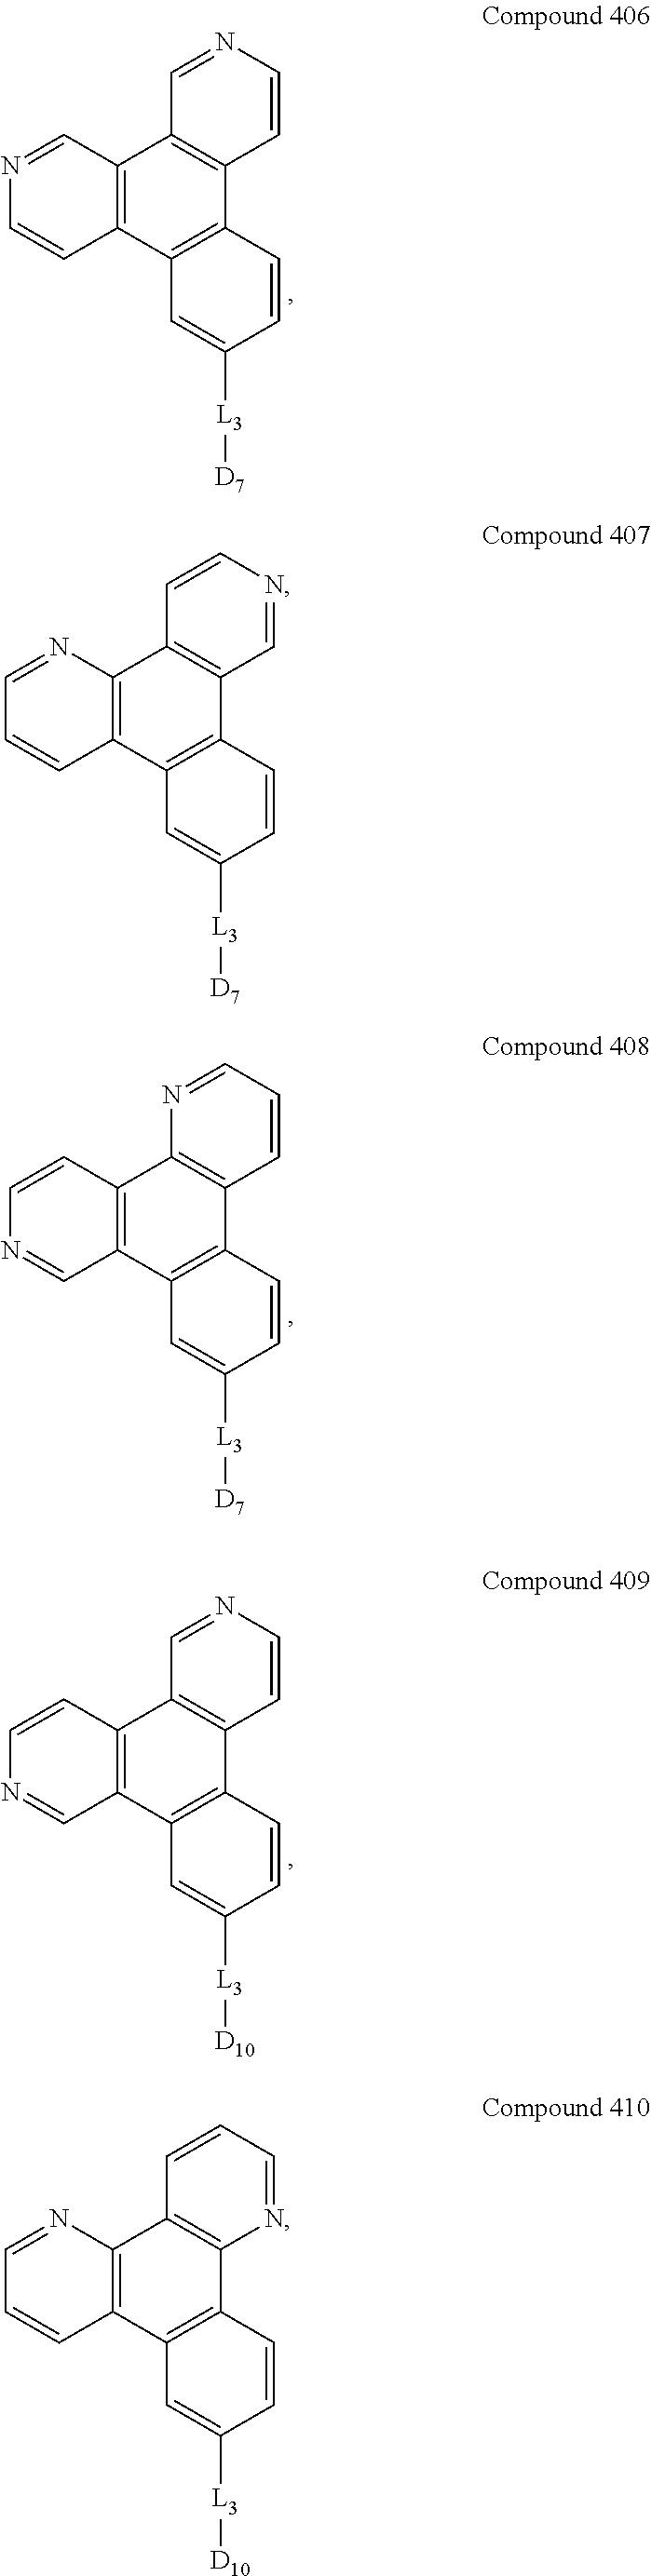 Figure US09537106-20170103-C00237